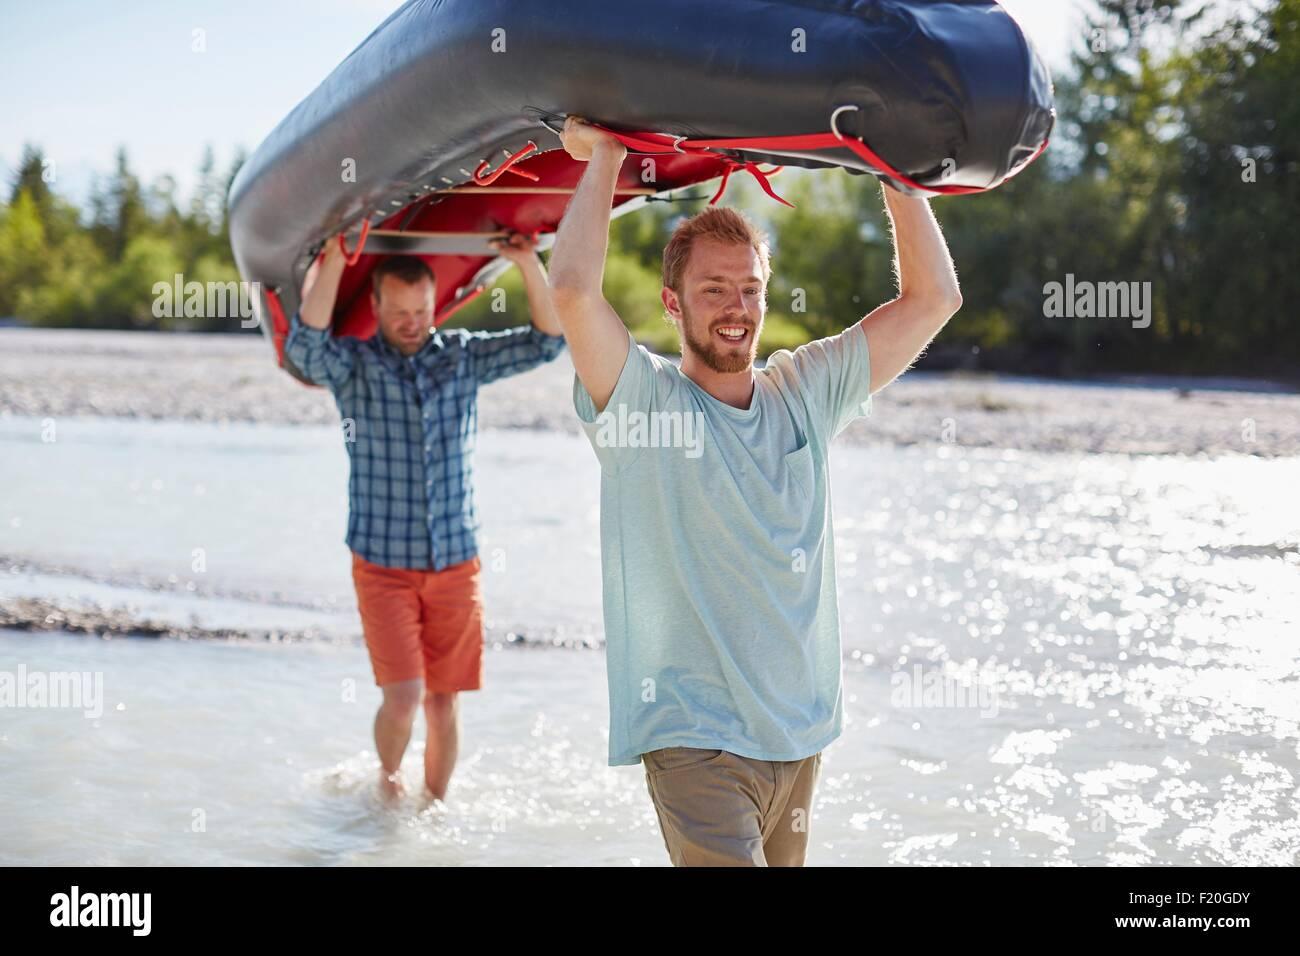 Dos hombres que llevaban balsa por encima de sus cabezas a través de aguas someras Foto de stock